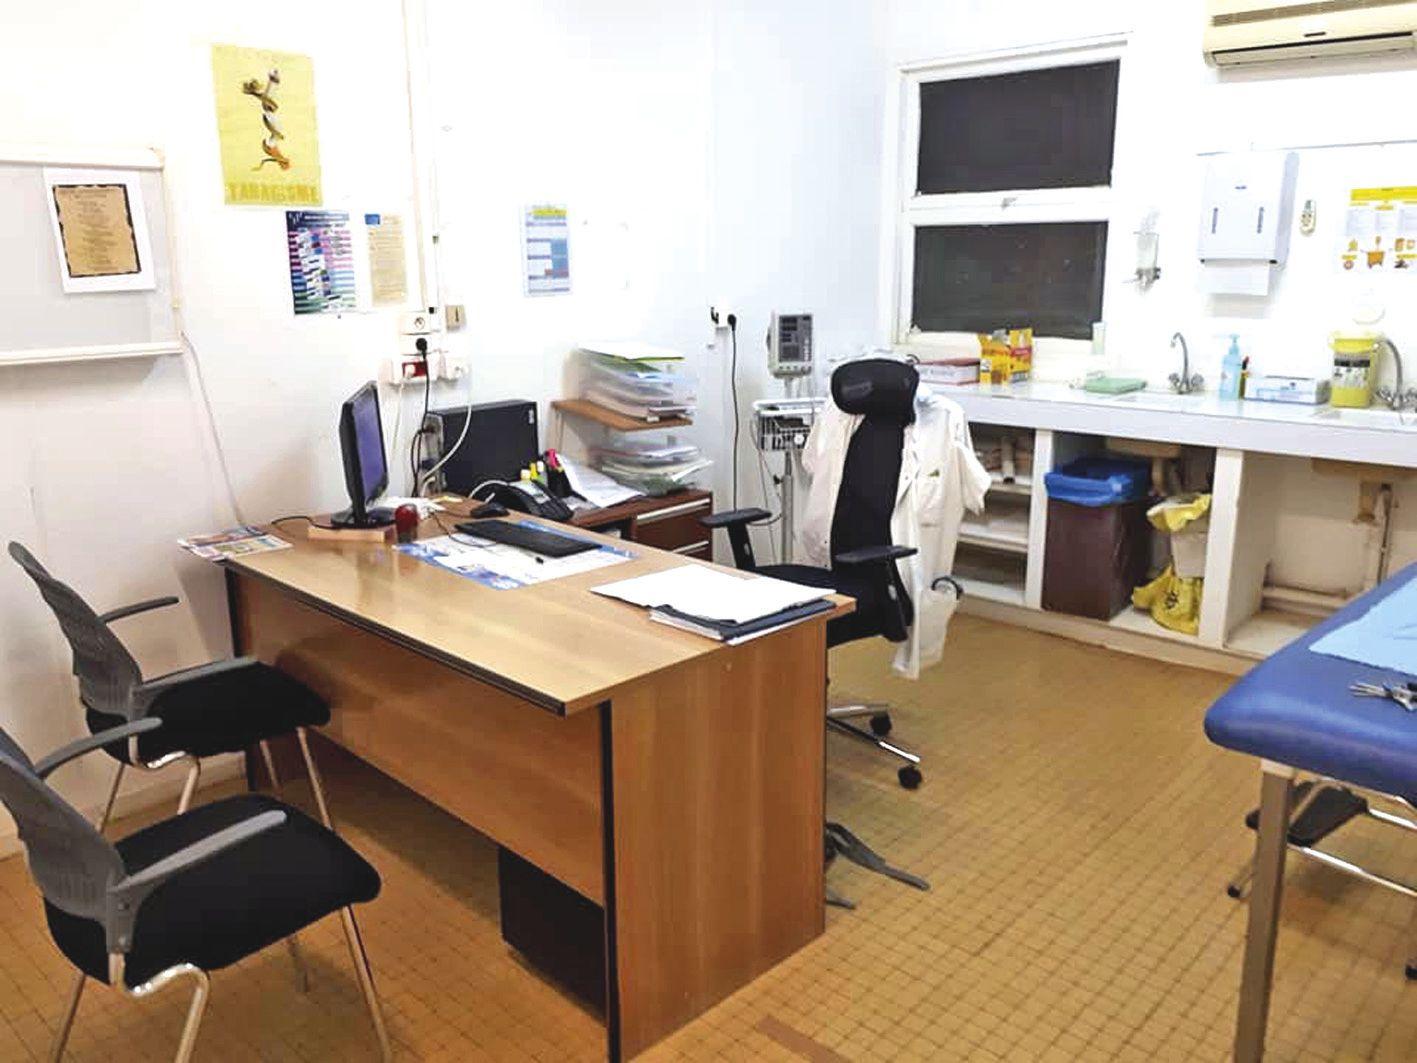 Le centre médical dans lequel exerçait Jean-Luc Archinard est fermé depuis jeudi. Photo DR